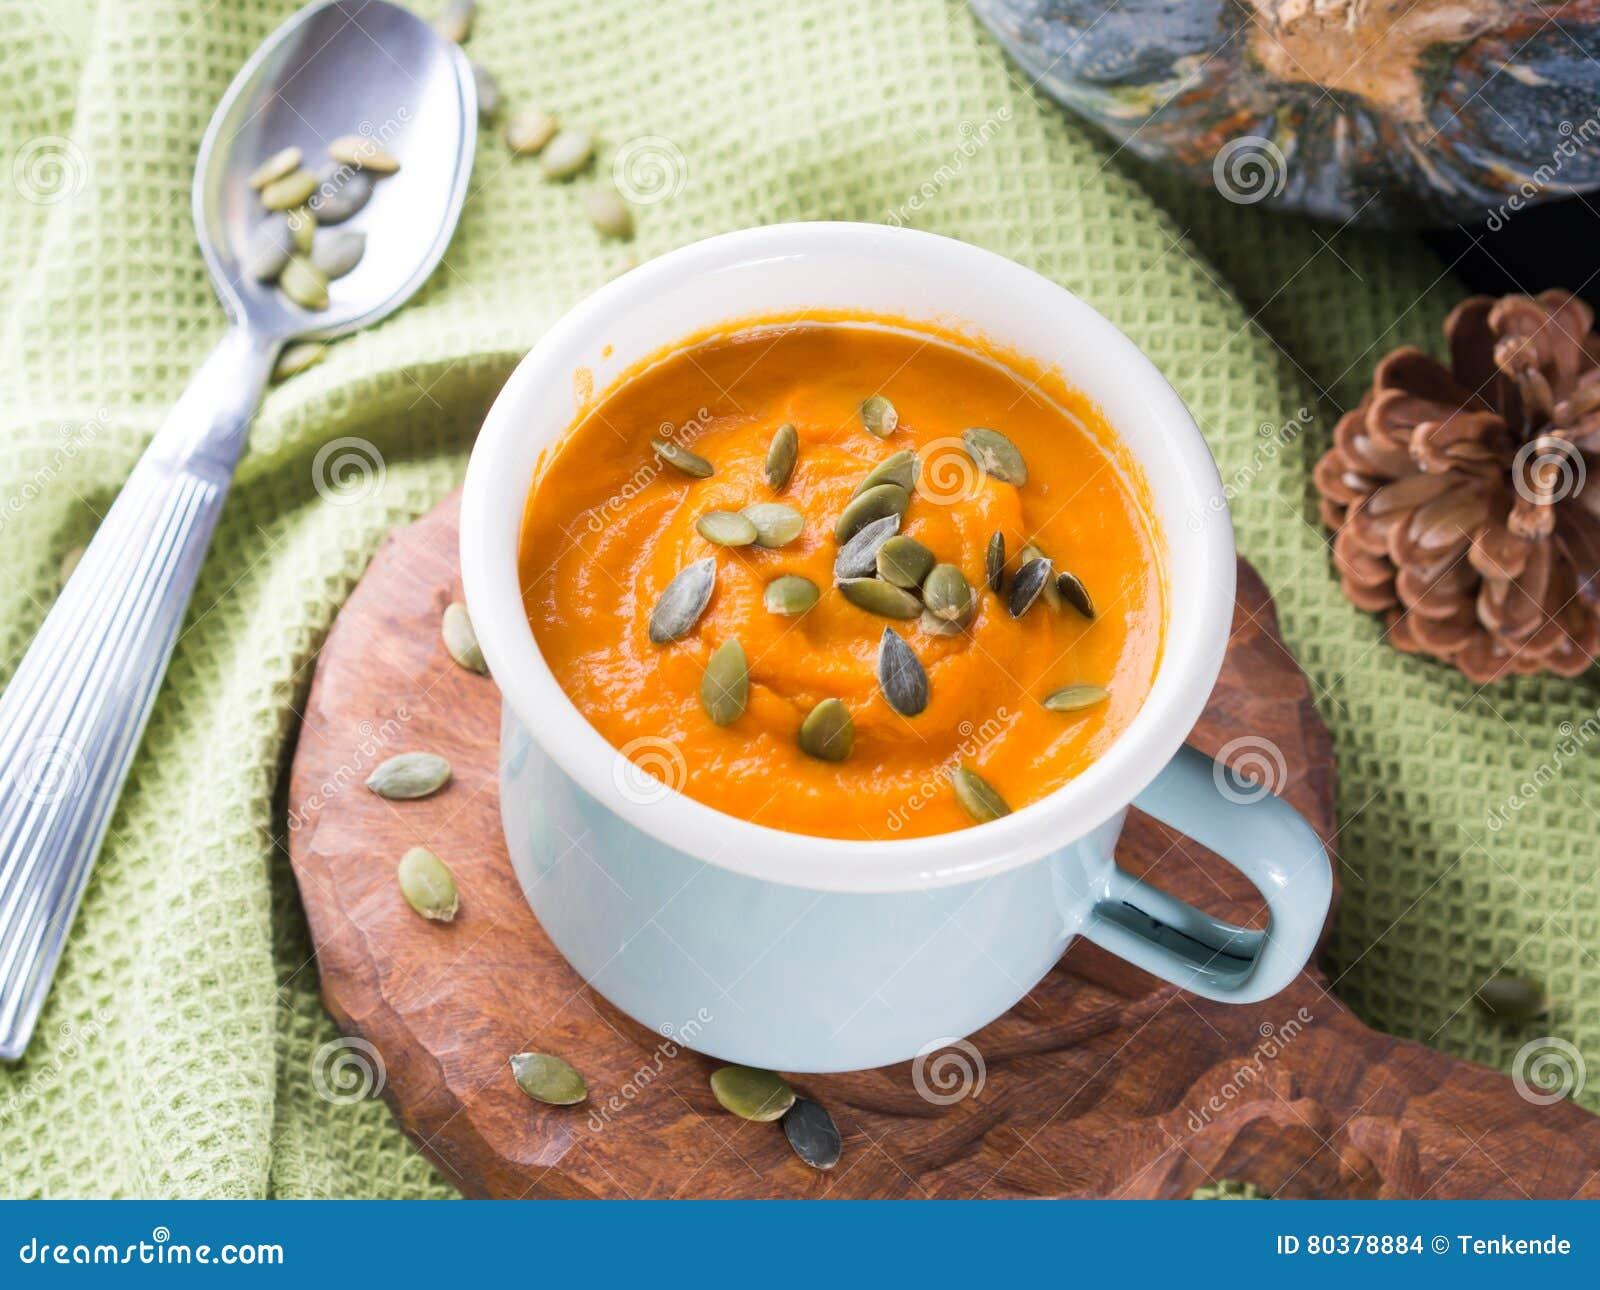 Dieta choque gazpacho